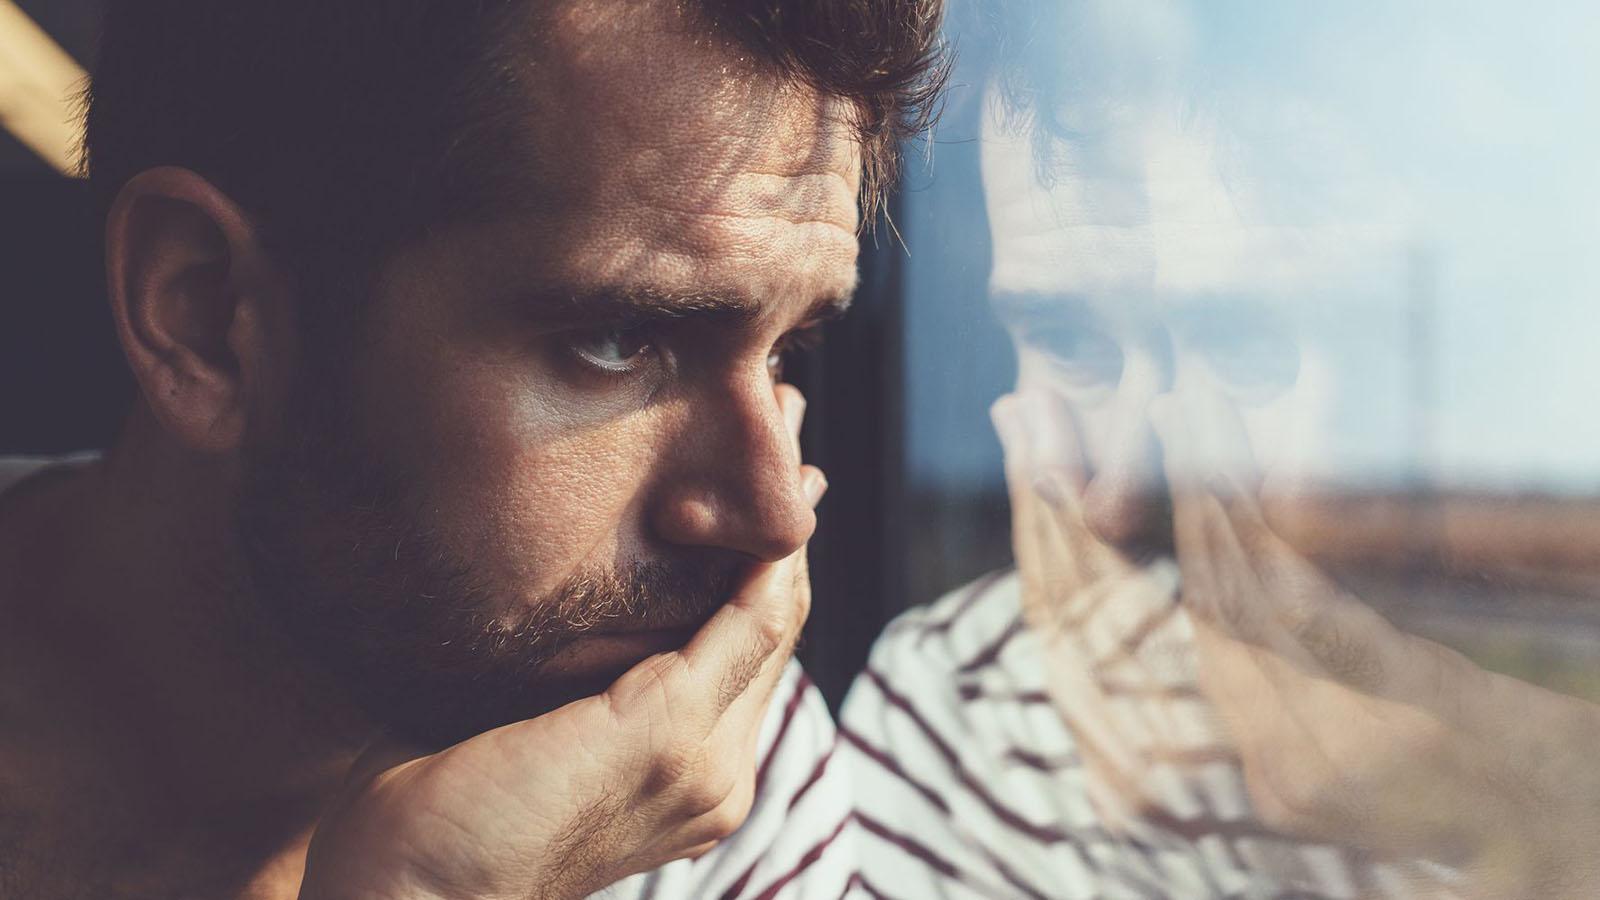 آشنایی با علائم افسردگی جوانان